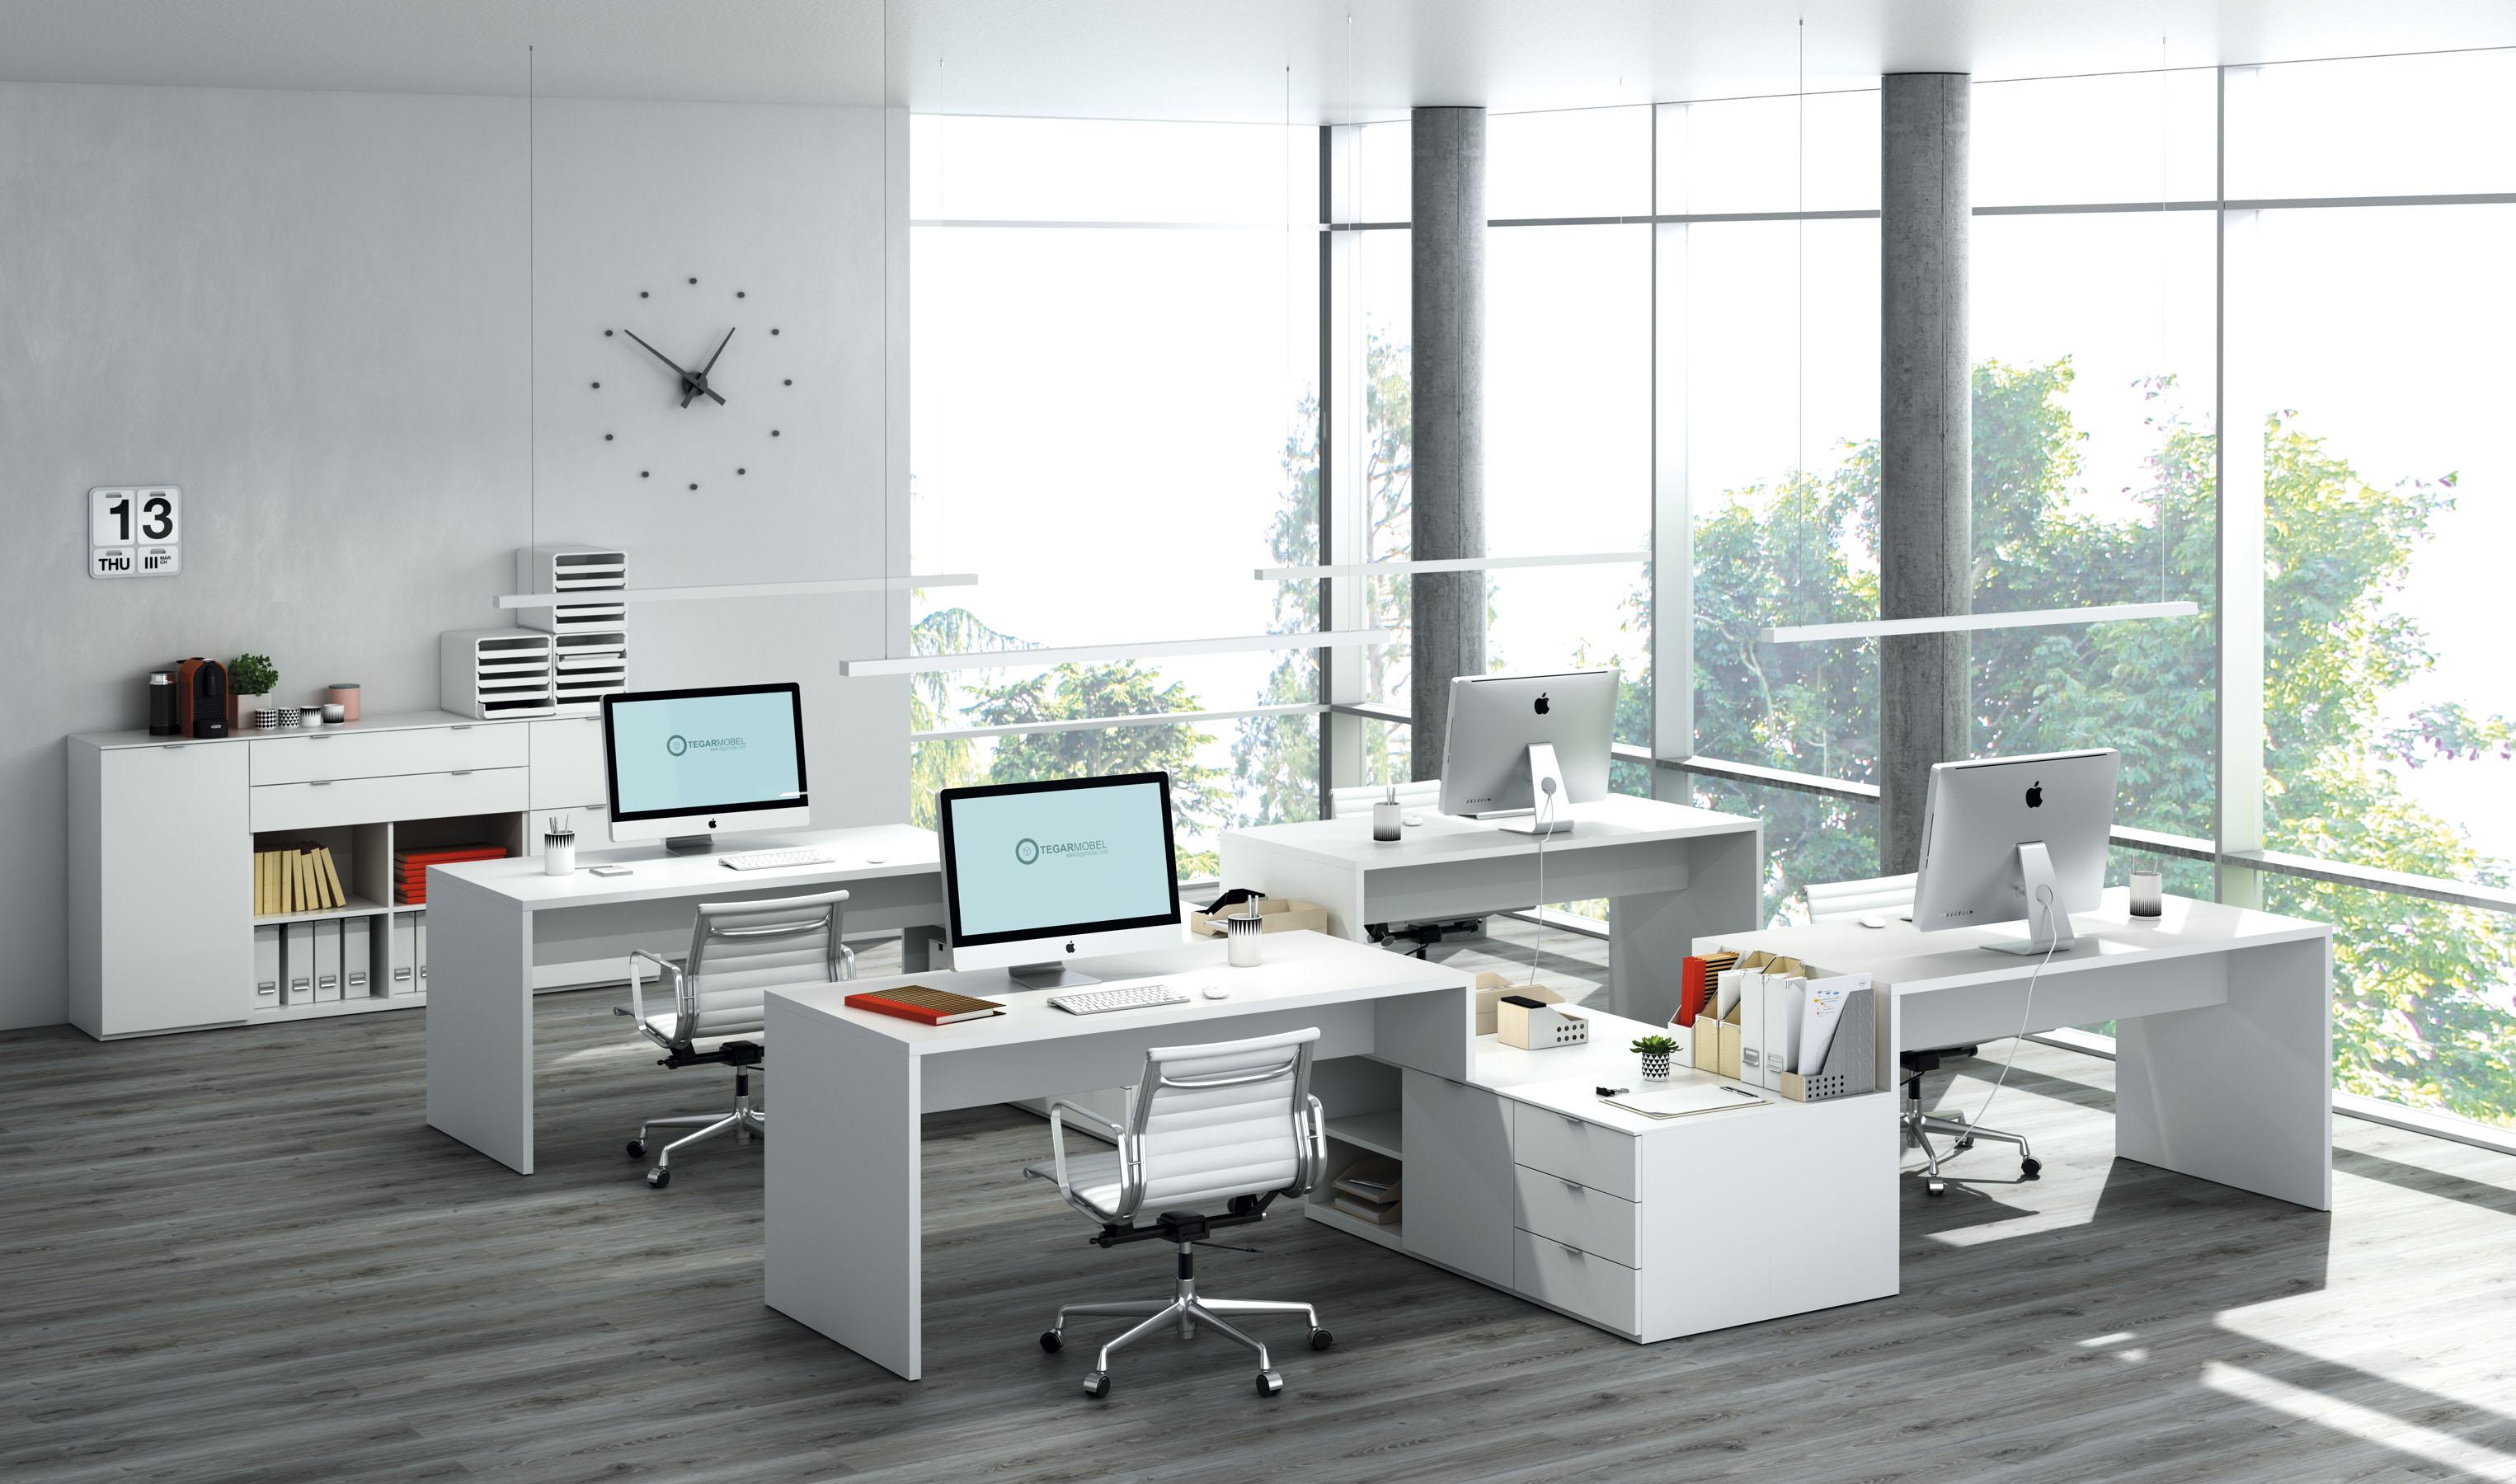 Oficinas qb tegar for Oficinas de muface en madrid